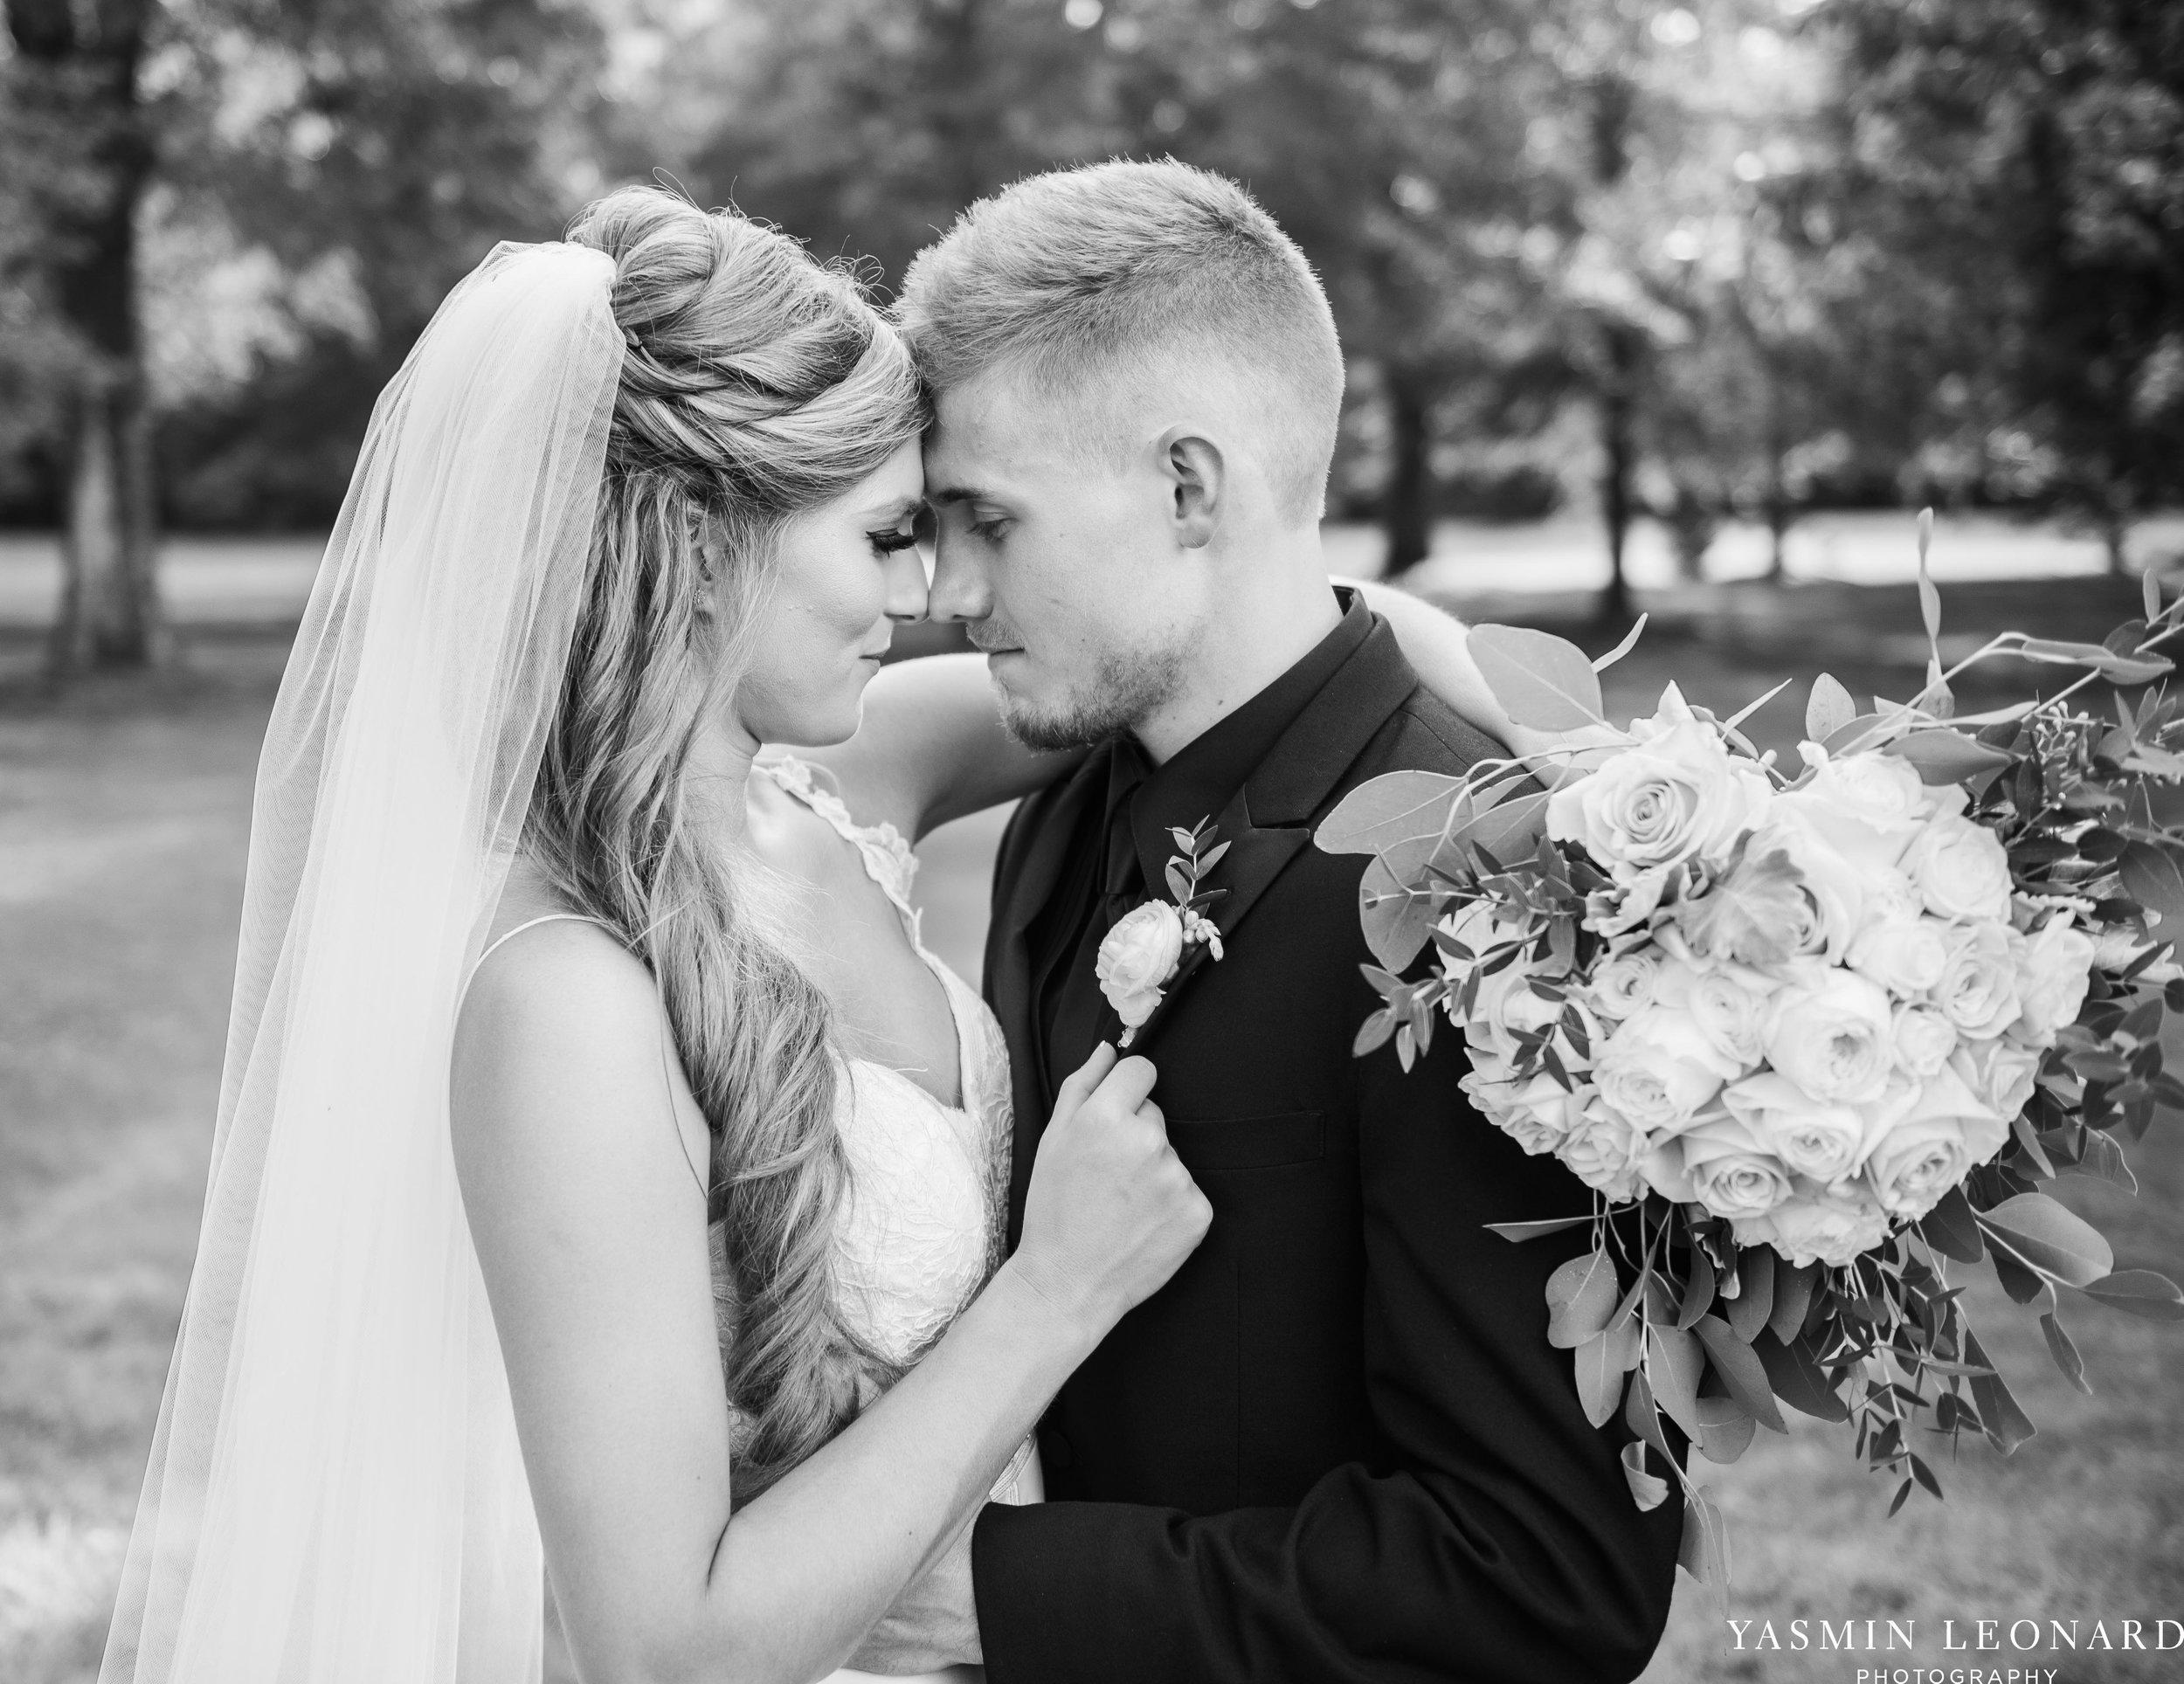 Boxwood Estate - Boxwood Estate Wedding - Luxury Wedding - Black and White Wedding - NC Wedding Venues - NC Weddings - NC Photographer - Lantern Release Grand Exit - Large Wedding Party - Yasmin Leonard Photography-41.jpg